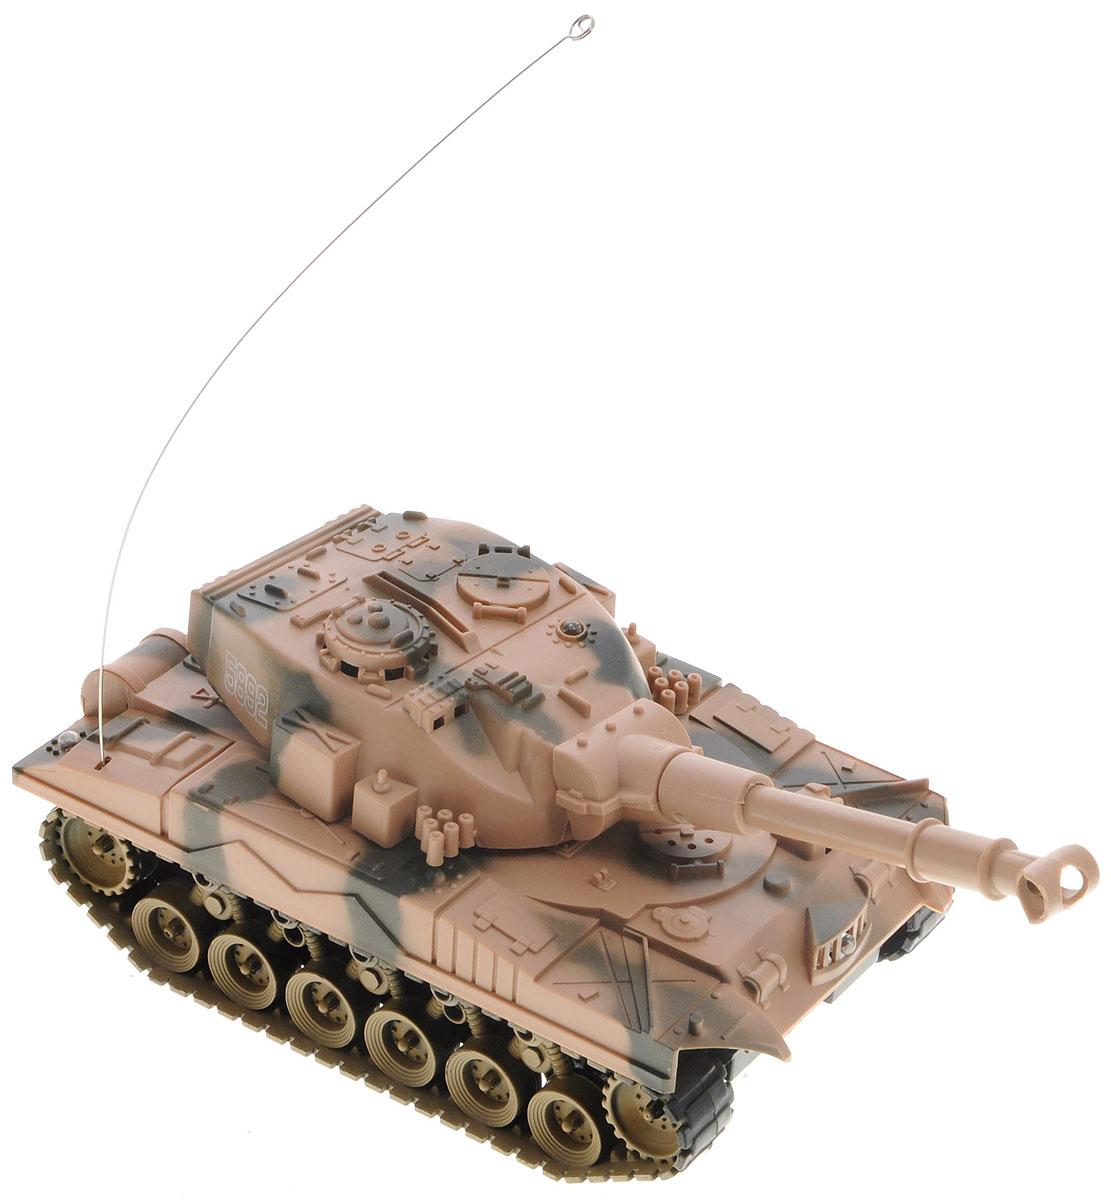 Junfa Toys Танк на радиоуправлении Super Power Panzer5892jЭффектный танк на радиоуправлении Junfa Toys Super Power Panzer понравится каждому мальчишке, который интересуется военной техникой. Стремительно прорываясь вперед сквозь препятствия, танк издает реалистичные звуки работающего мотора, а во время стрельбы у него загорается огонек в дуле пушки и раздаются звуки мощного выстрела. Игрушка работает от пульта управления и может не только передвигаться назад, вперед, налево и направо, но и поворачивать пушку. Пульт управления работает на частоте 27 MHz. Выглядит модель на удивление реалистично, а уровень ее детализации поражает воображение. Радиоуправляемые игрушки способствуют развитию координации движений, моторики и ловкости. Для работы танка необходимо купить 4 батарейки напряжением 1,5V типа АА (не входят в комплект); для работы пульта управления необходимо купить 2 батарейки напряжением 1,5V типа АА (не входят в комплект).